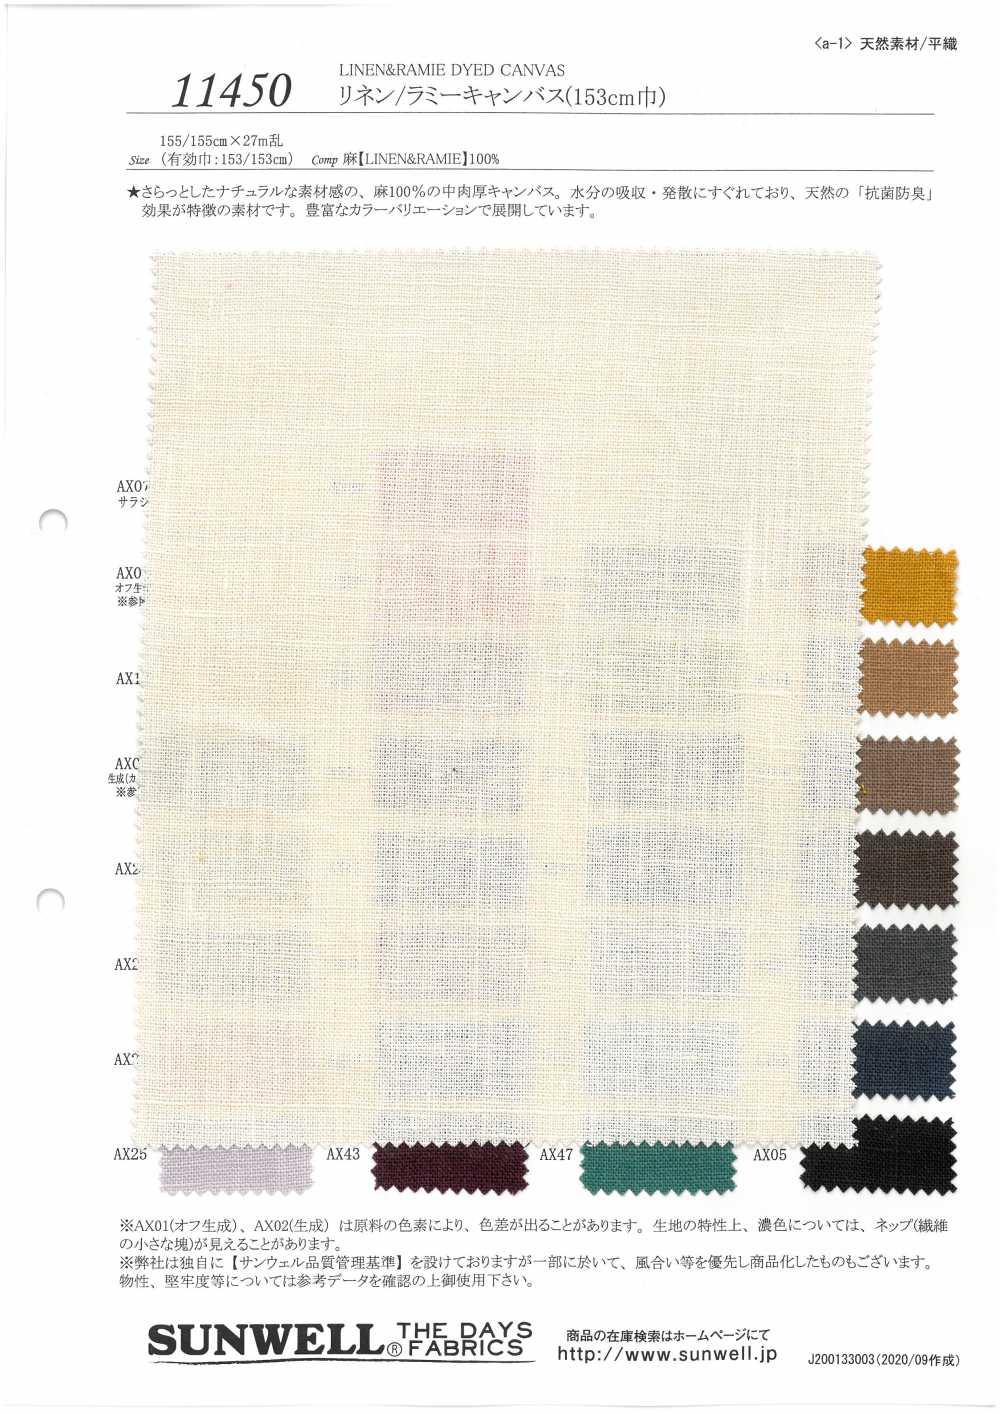 11450 リネン/ラミーキャンバス(153cm巾)[生地] SUNWELL(サンウェル)